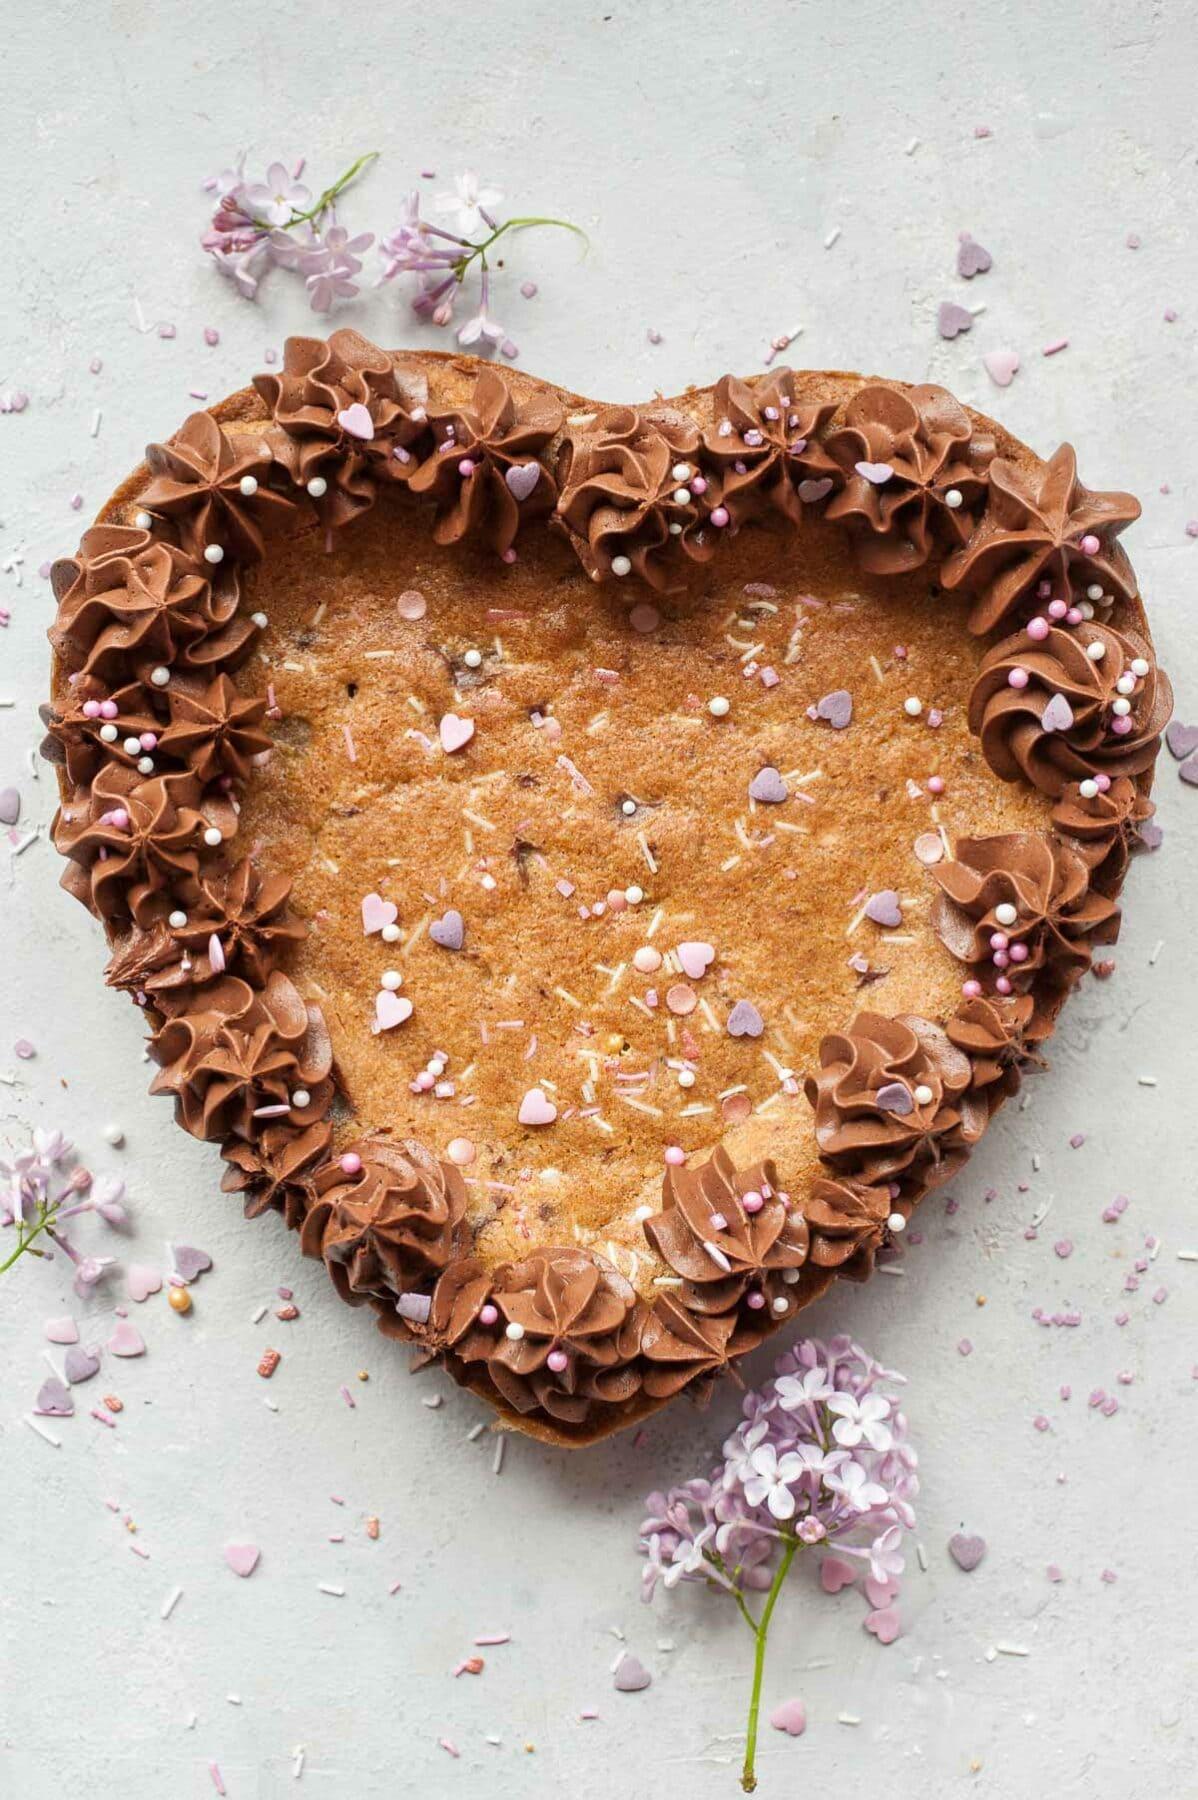 Ciasto z czekoladą i kremem czekoladowym w kształcie serca na szarym tle.